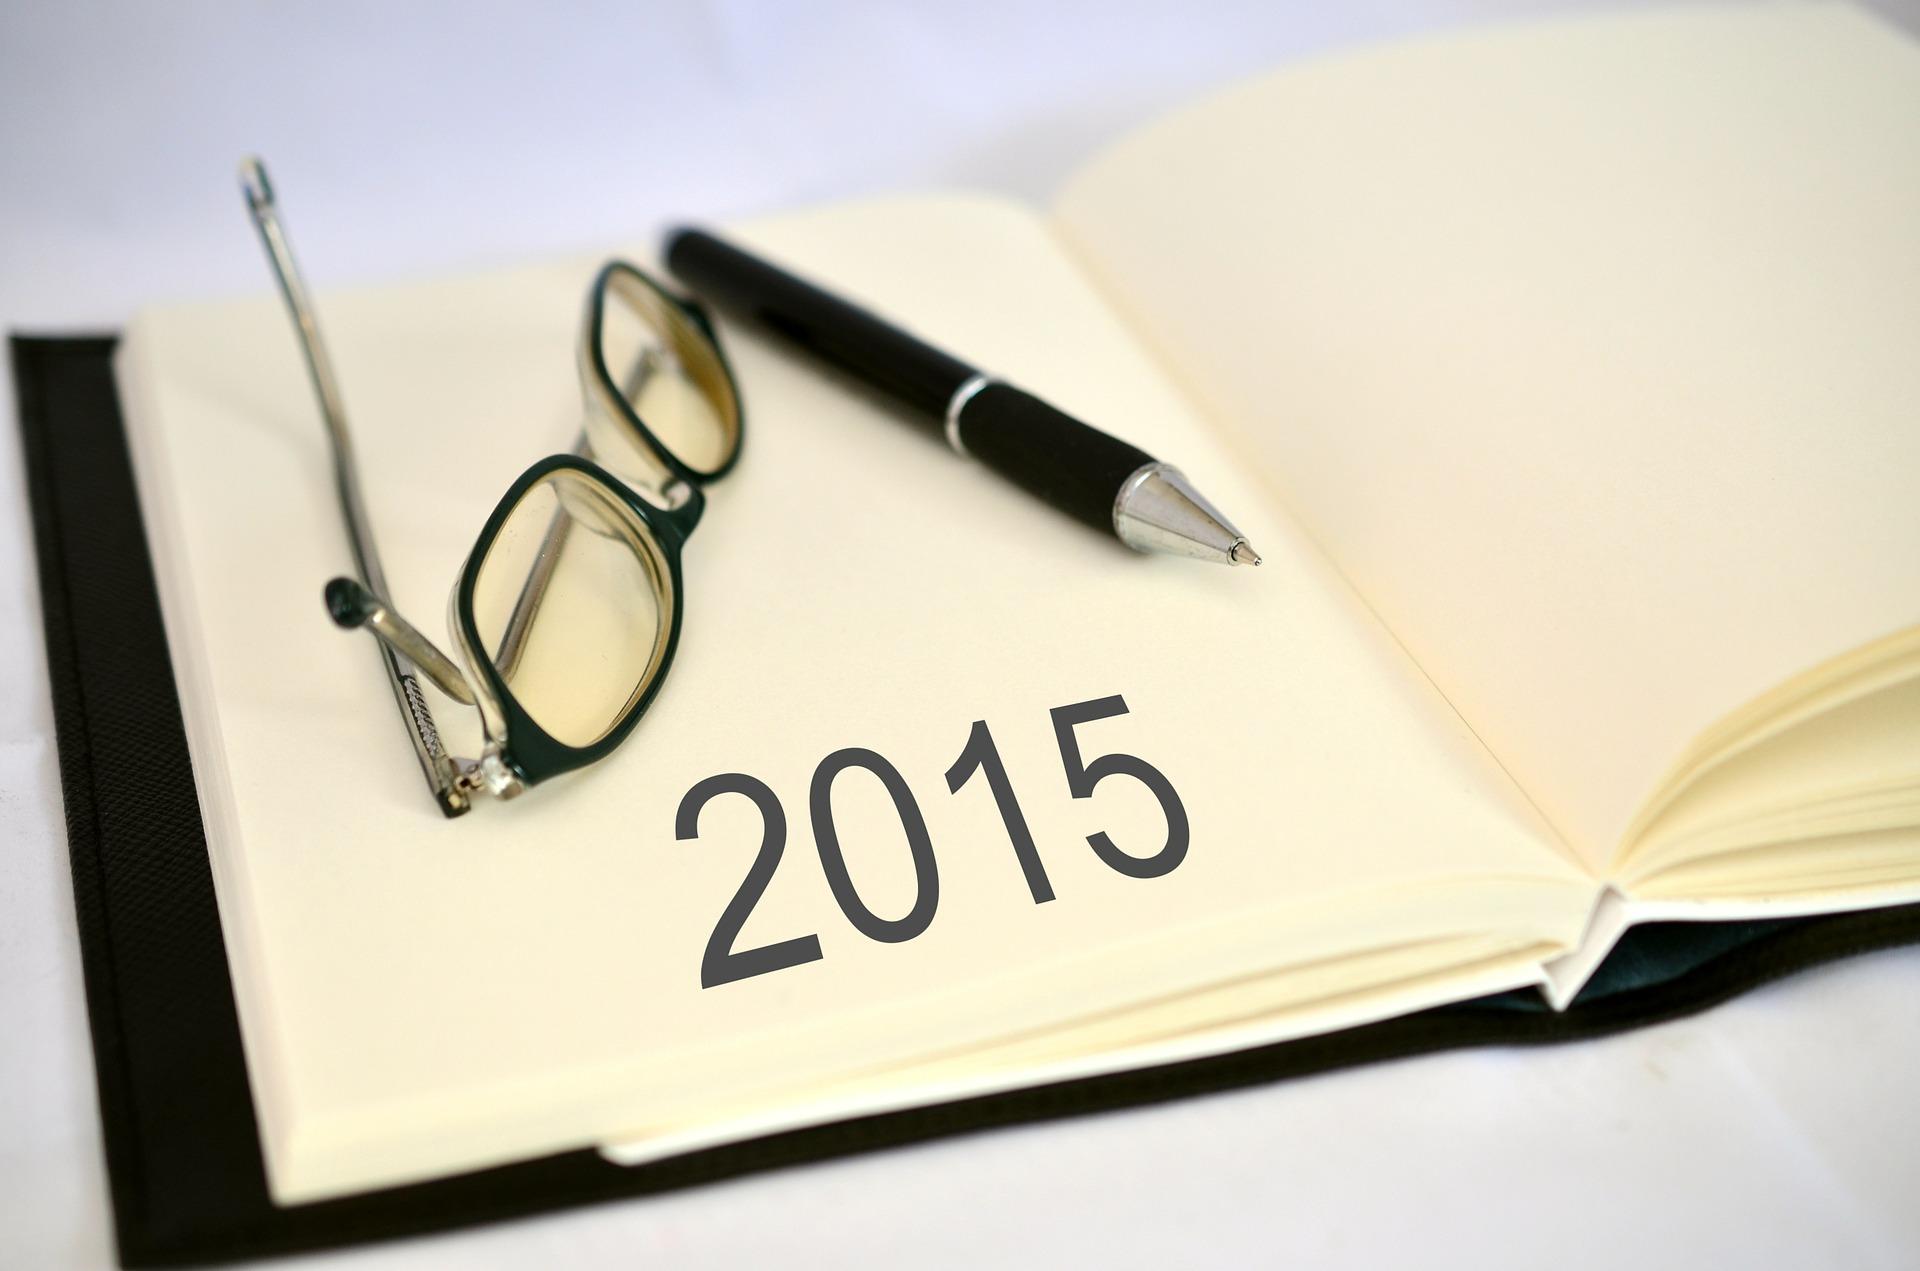 Heilen mit Zeichen - Jahresbilanz 2015